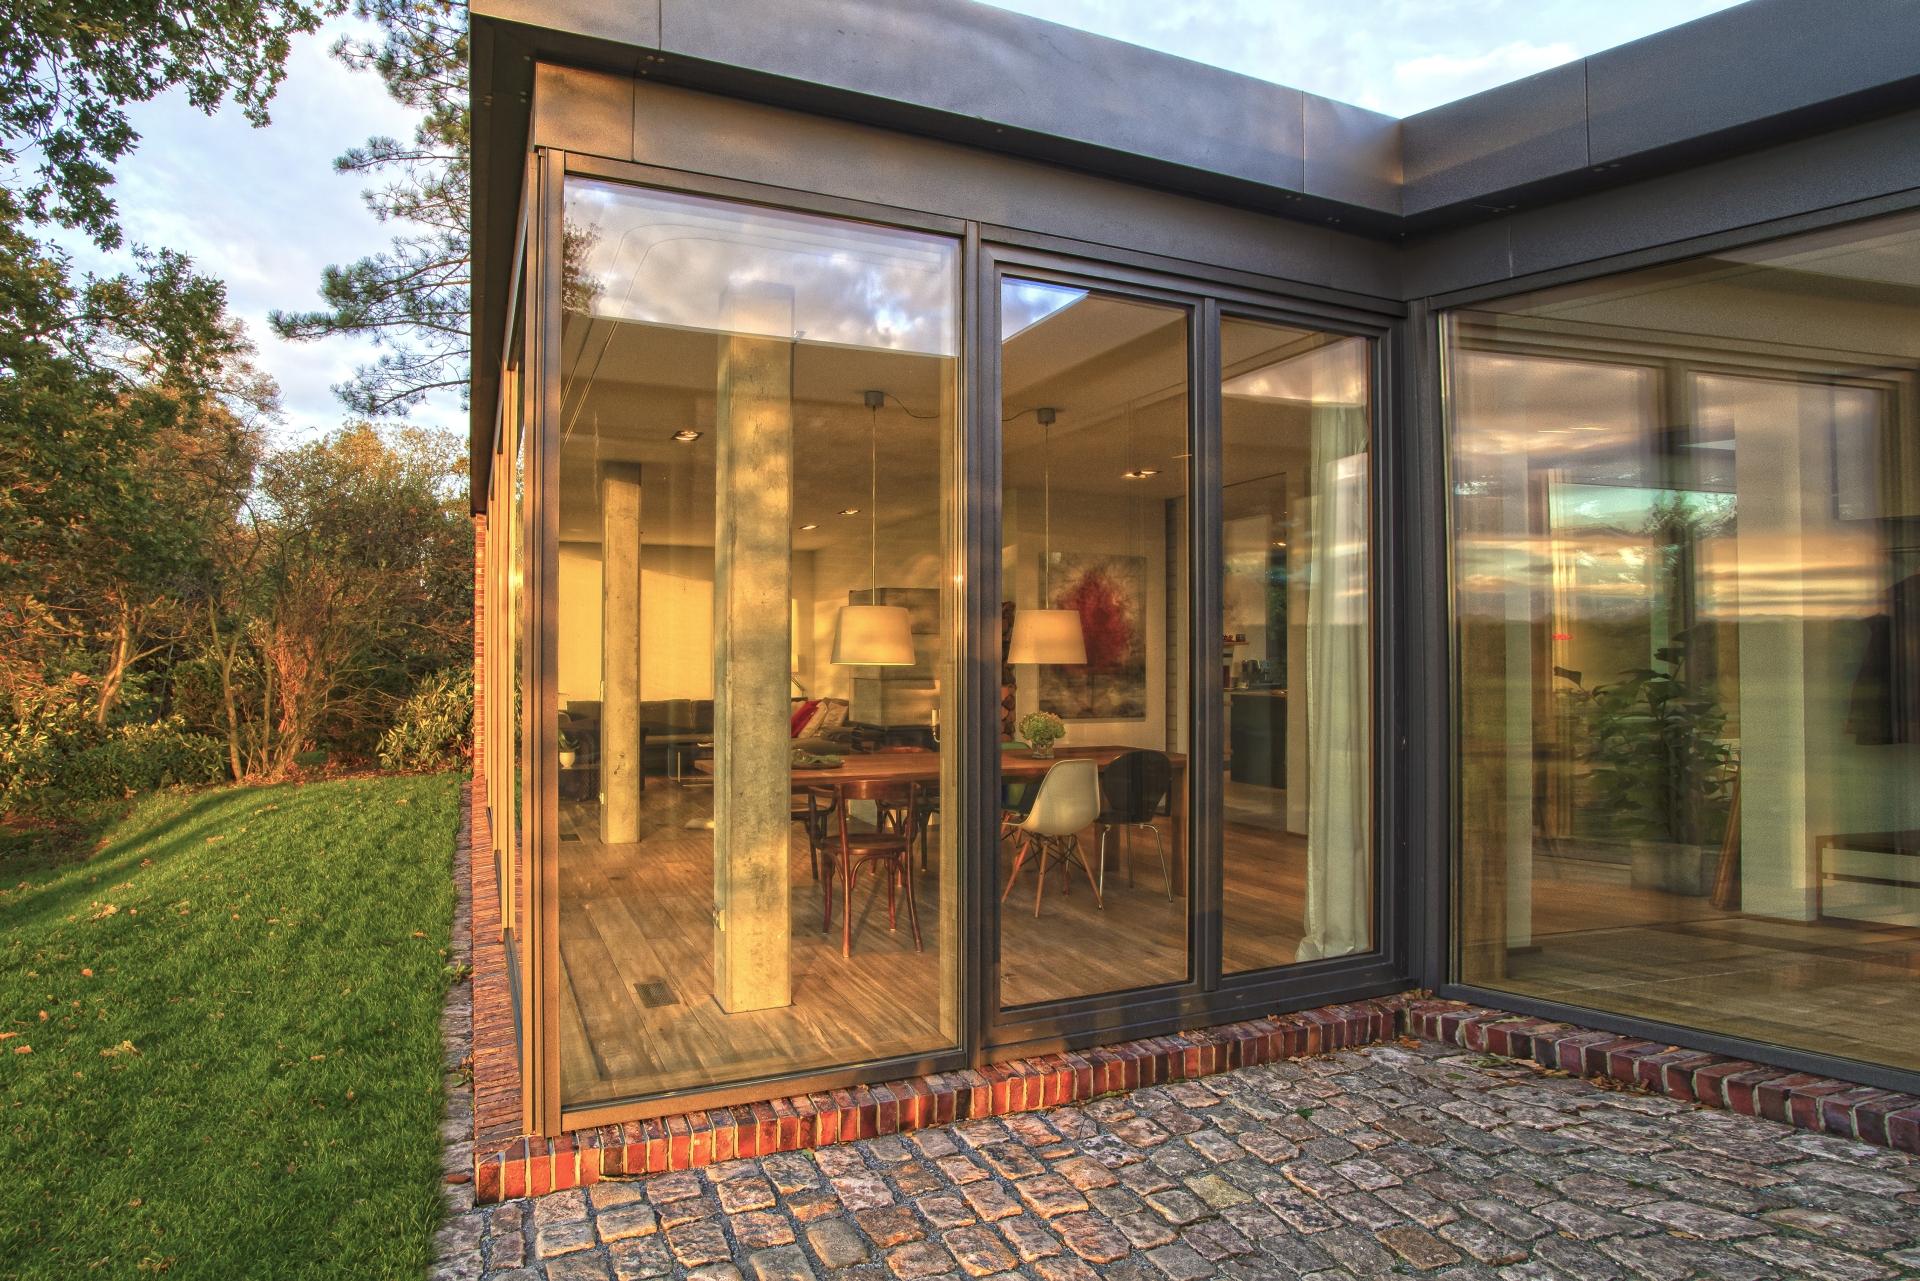 Fenster richter bauelemente gmbh for Holz aluminium fenster